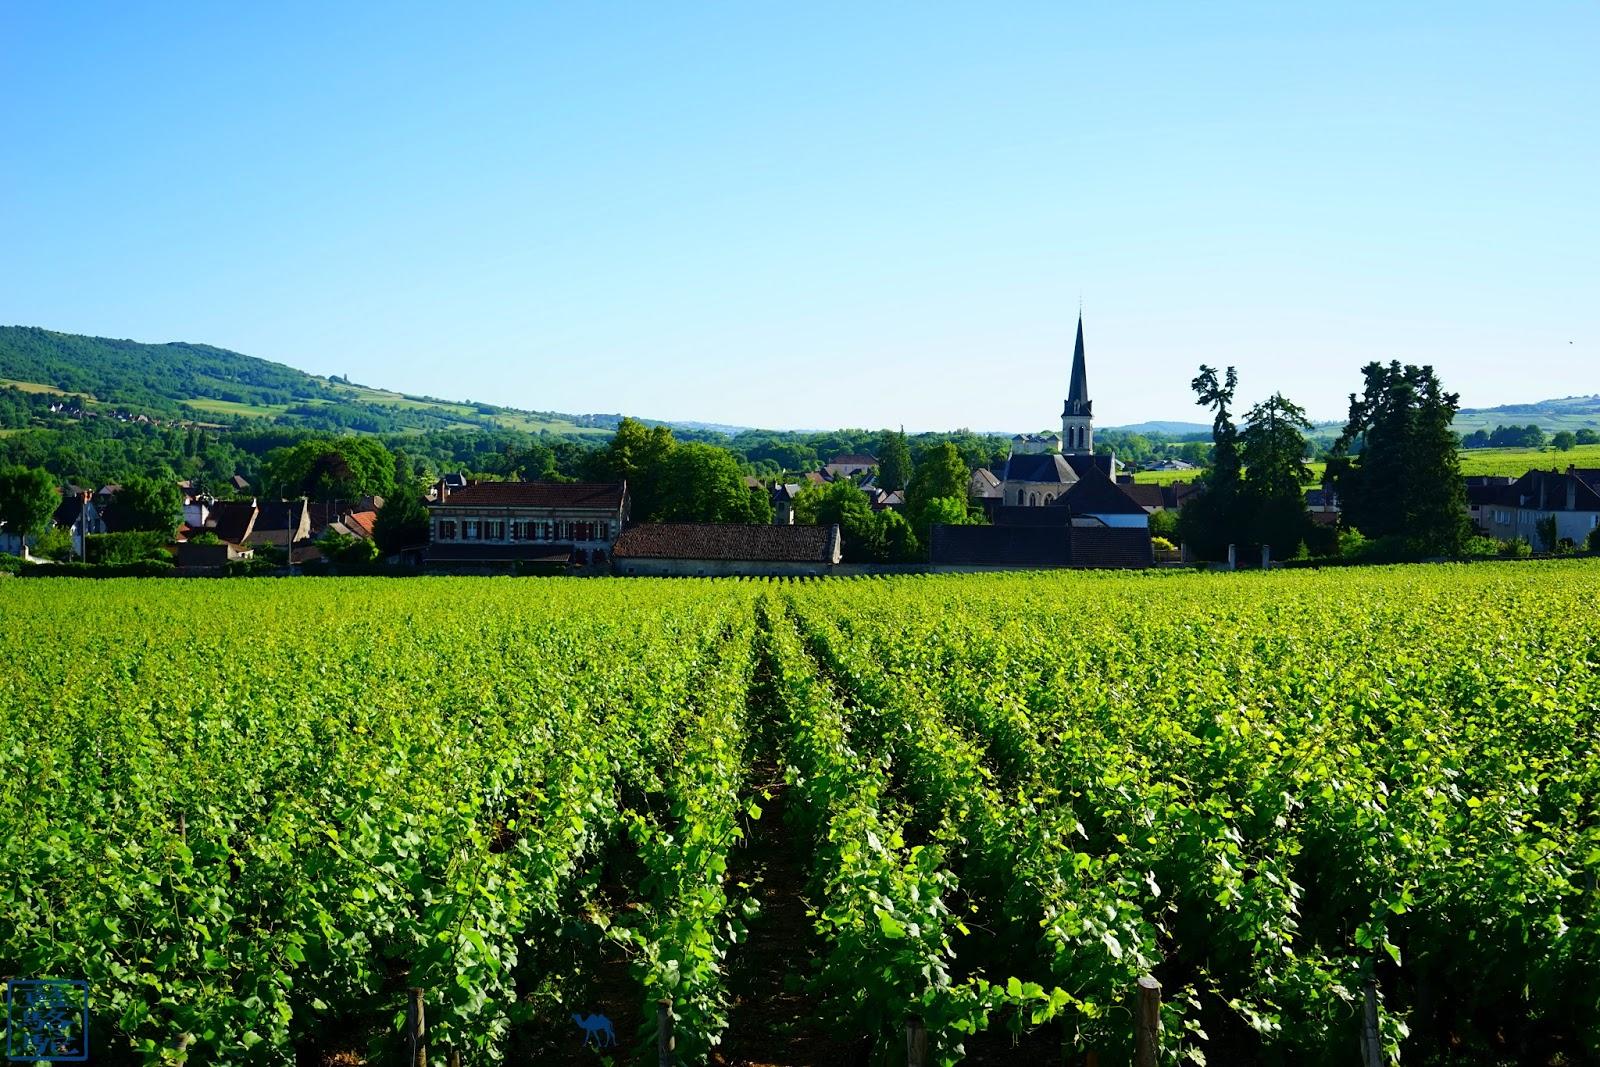 Le Chameau Bleu -  VIgnes de Santenay